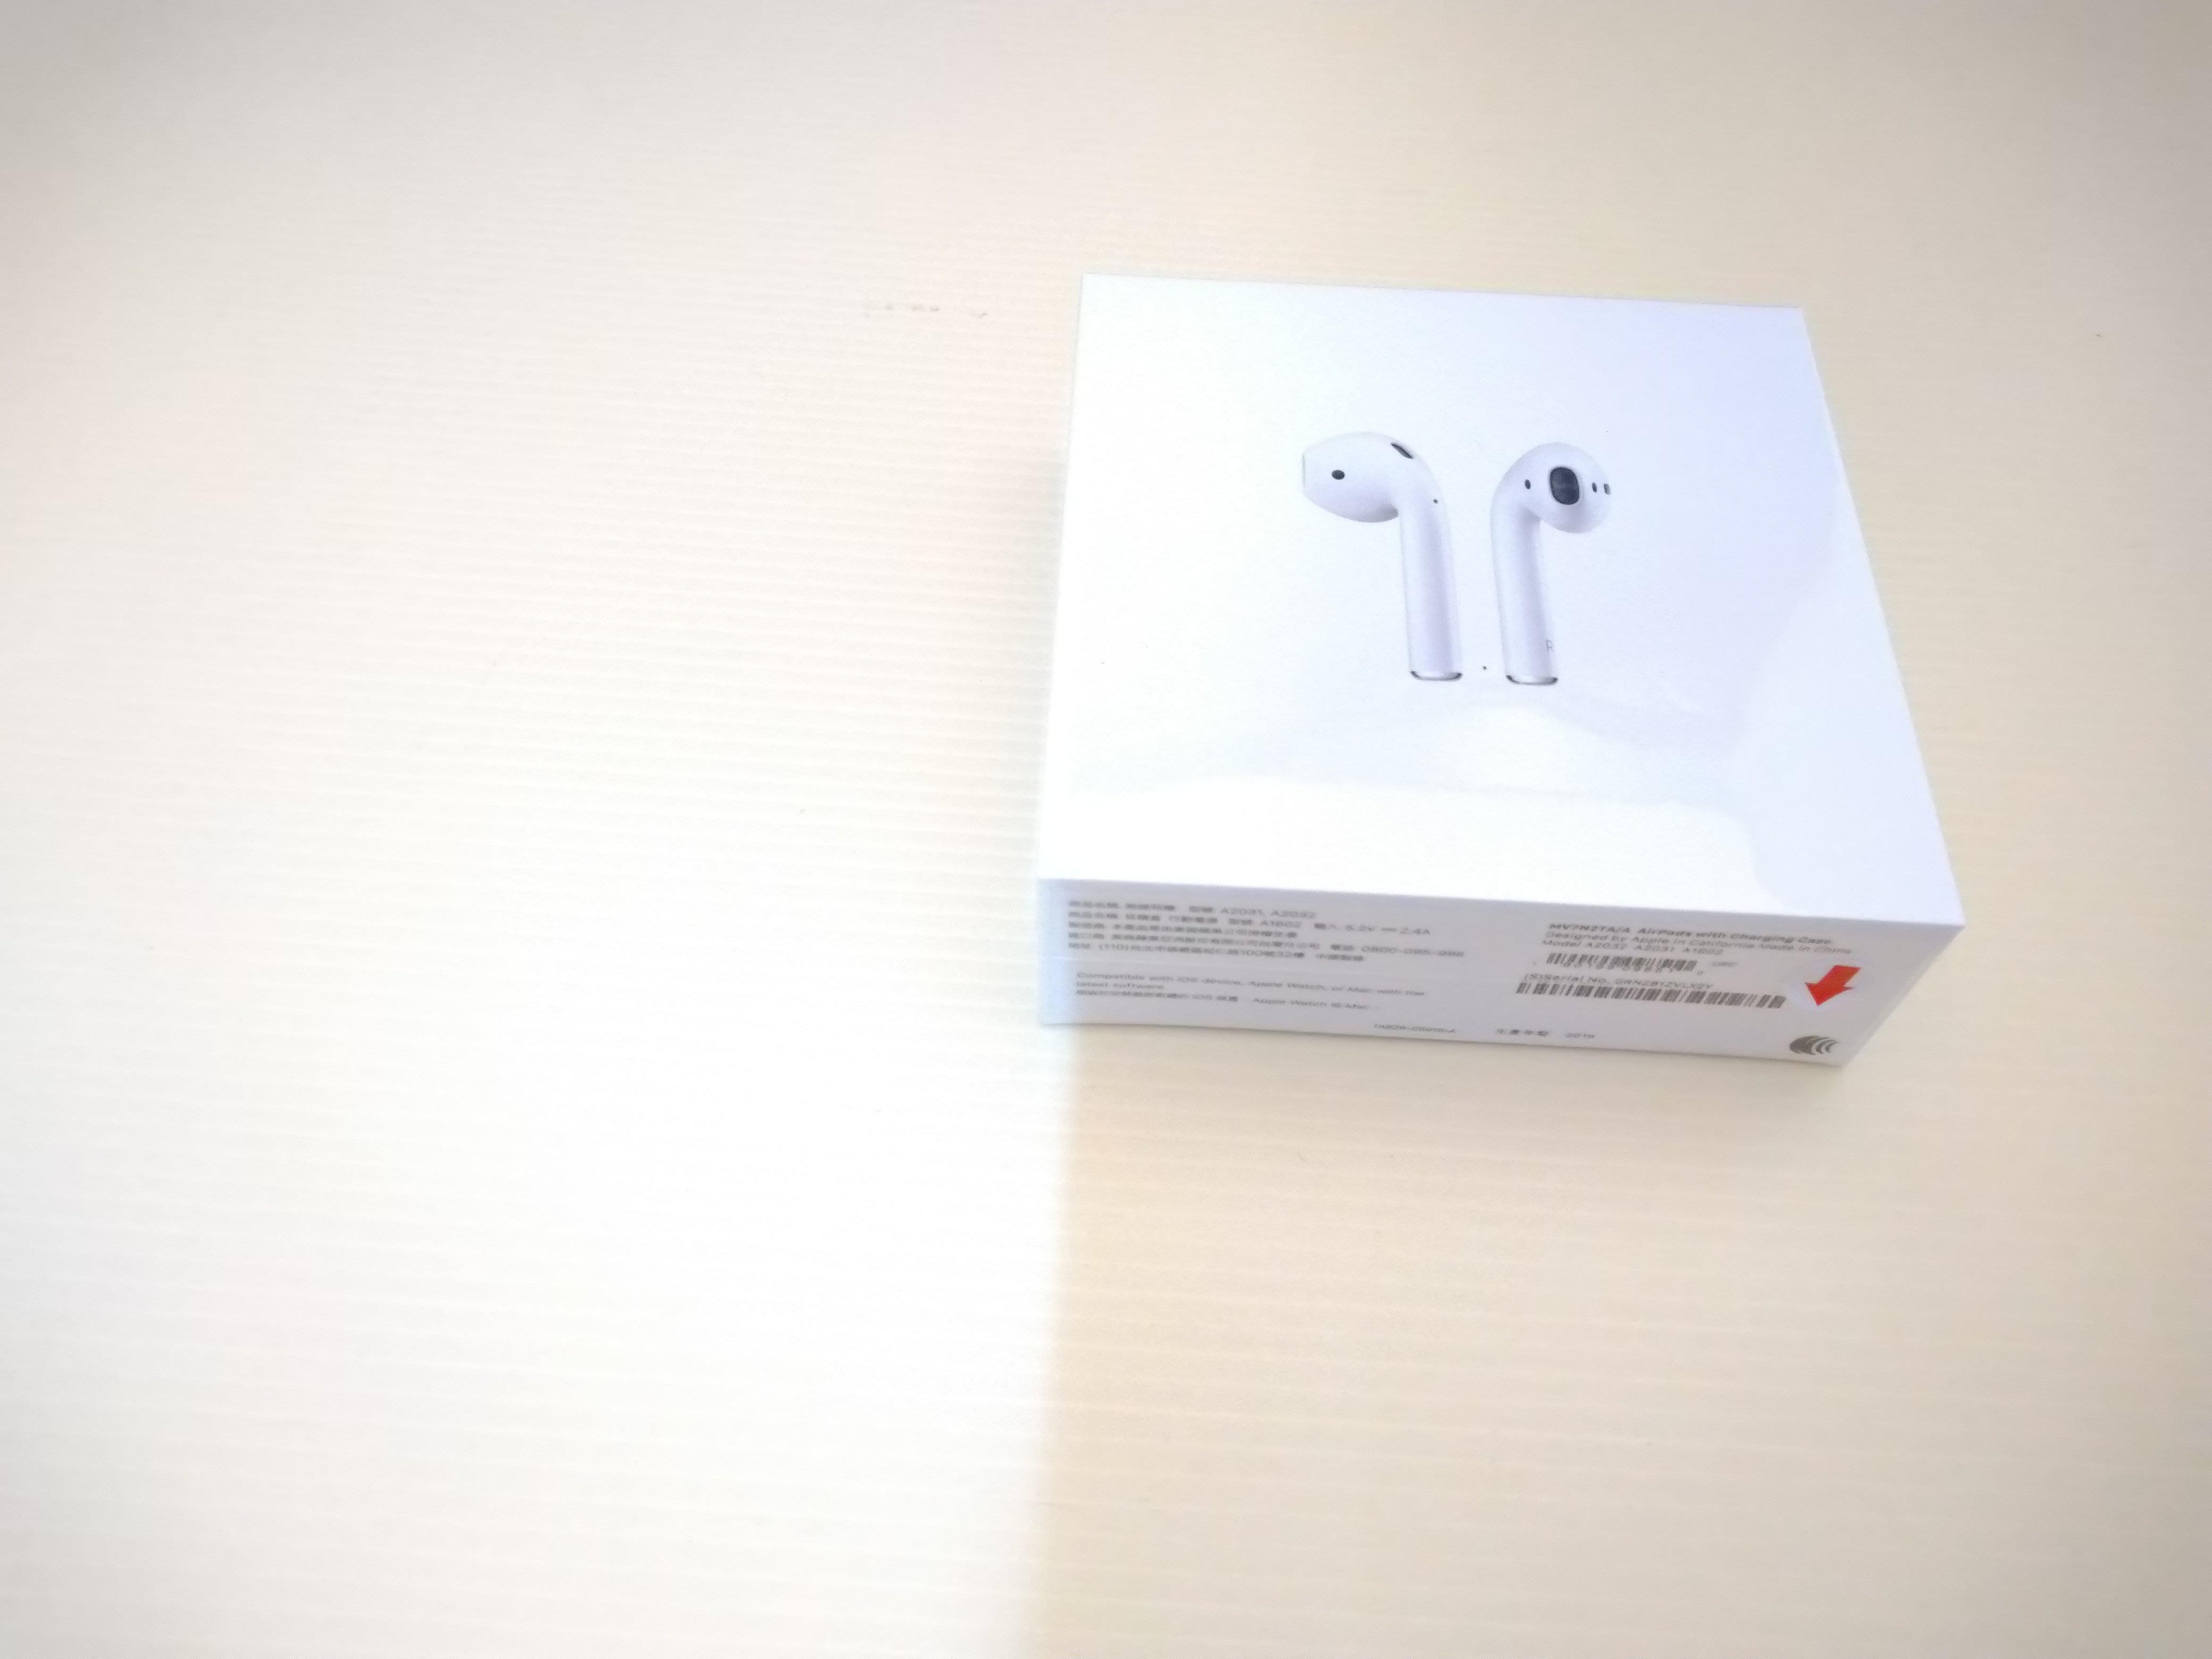 限自取勿下標全新未拆 台灣原廠保固一年 APPLE AirPods 2 AirPods 2代 無線藍芽耳機 有線充電盒版